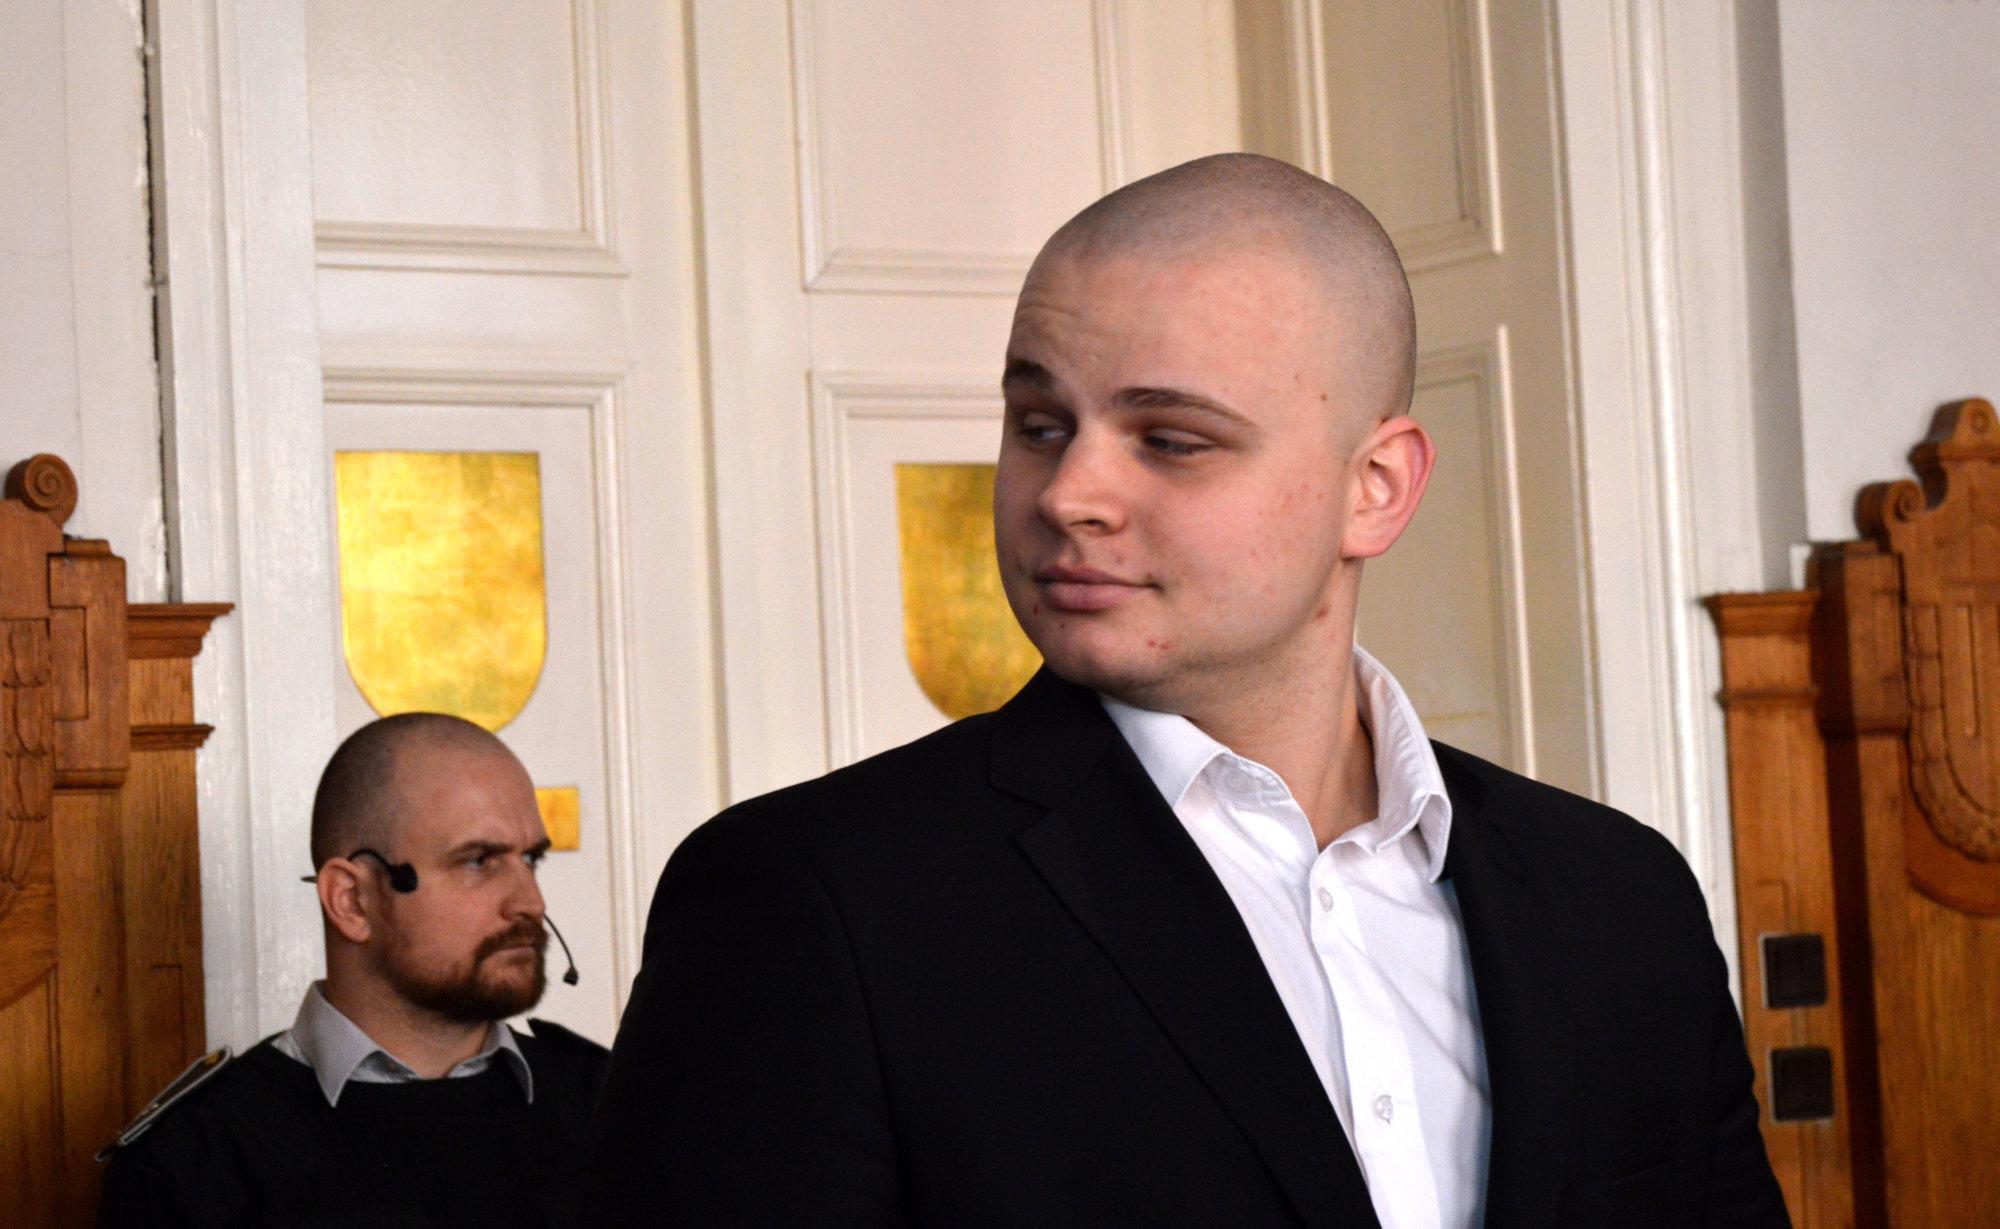 Mazurek sa na súde pýtal znalca na pôvod a tvrdil, že je zaujatý, lebo je Žid – Denník N